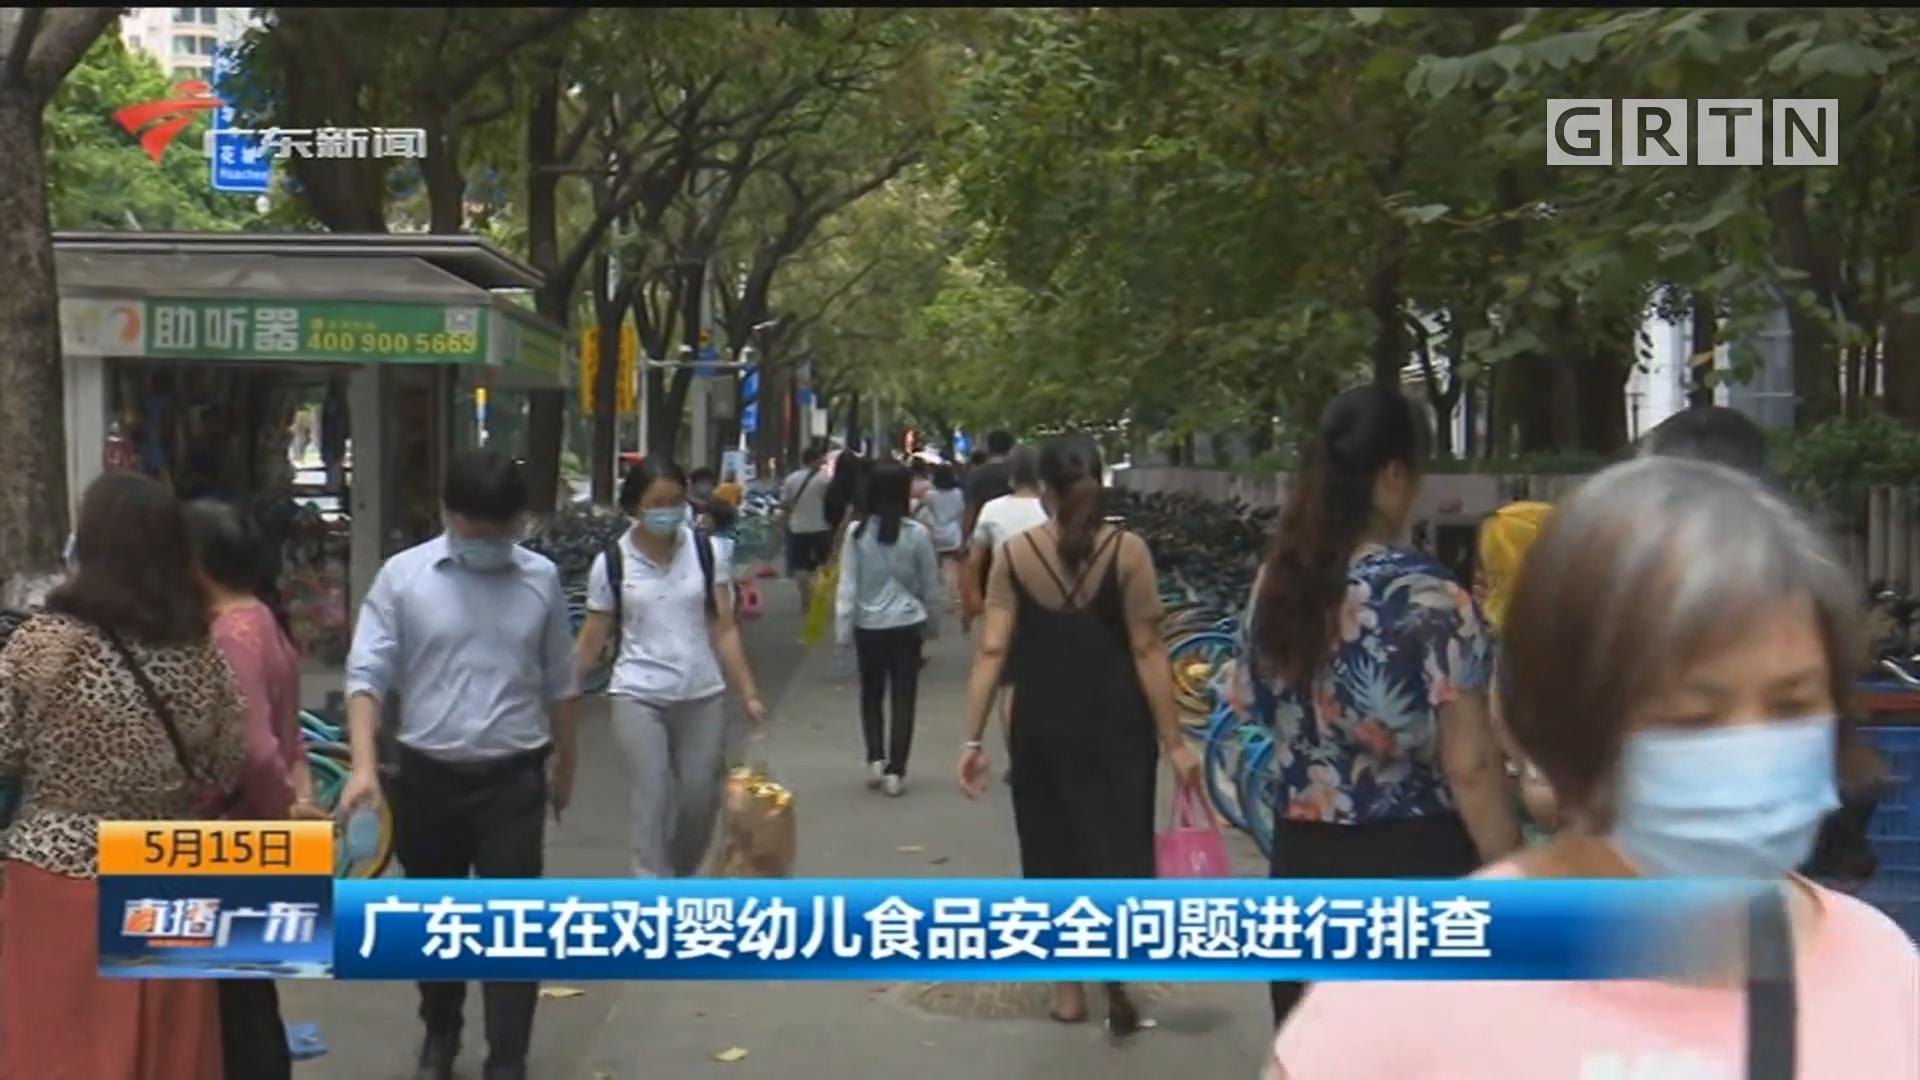 广东正在对婴幼儿食品安全问题进行排查